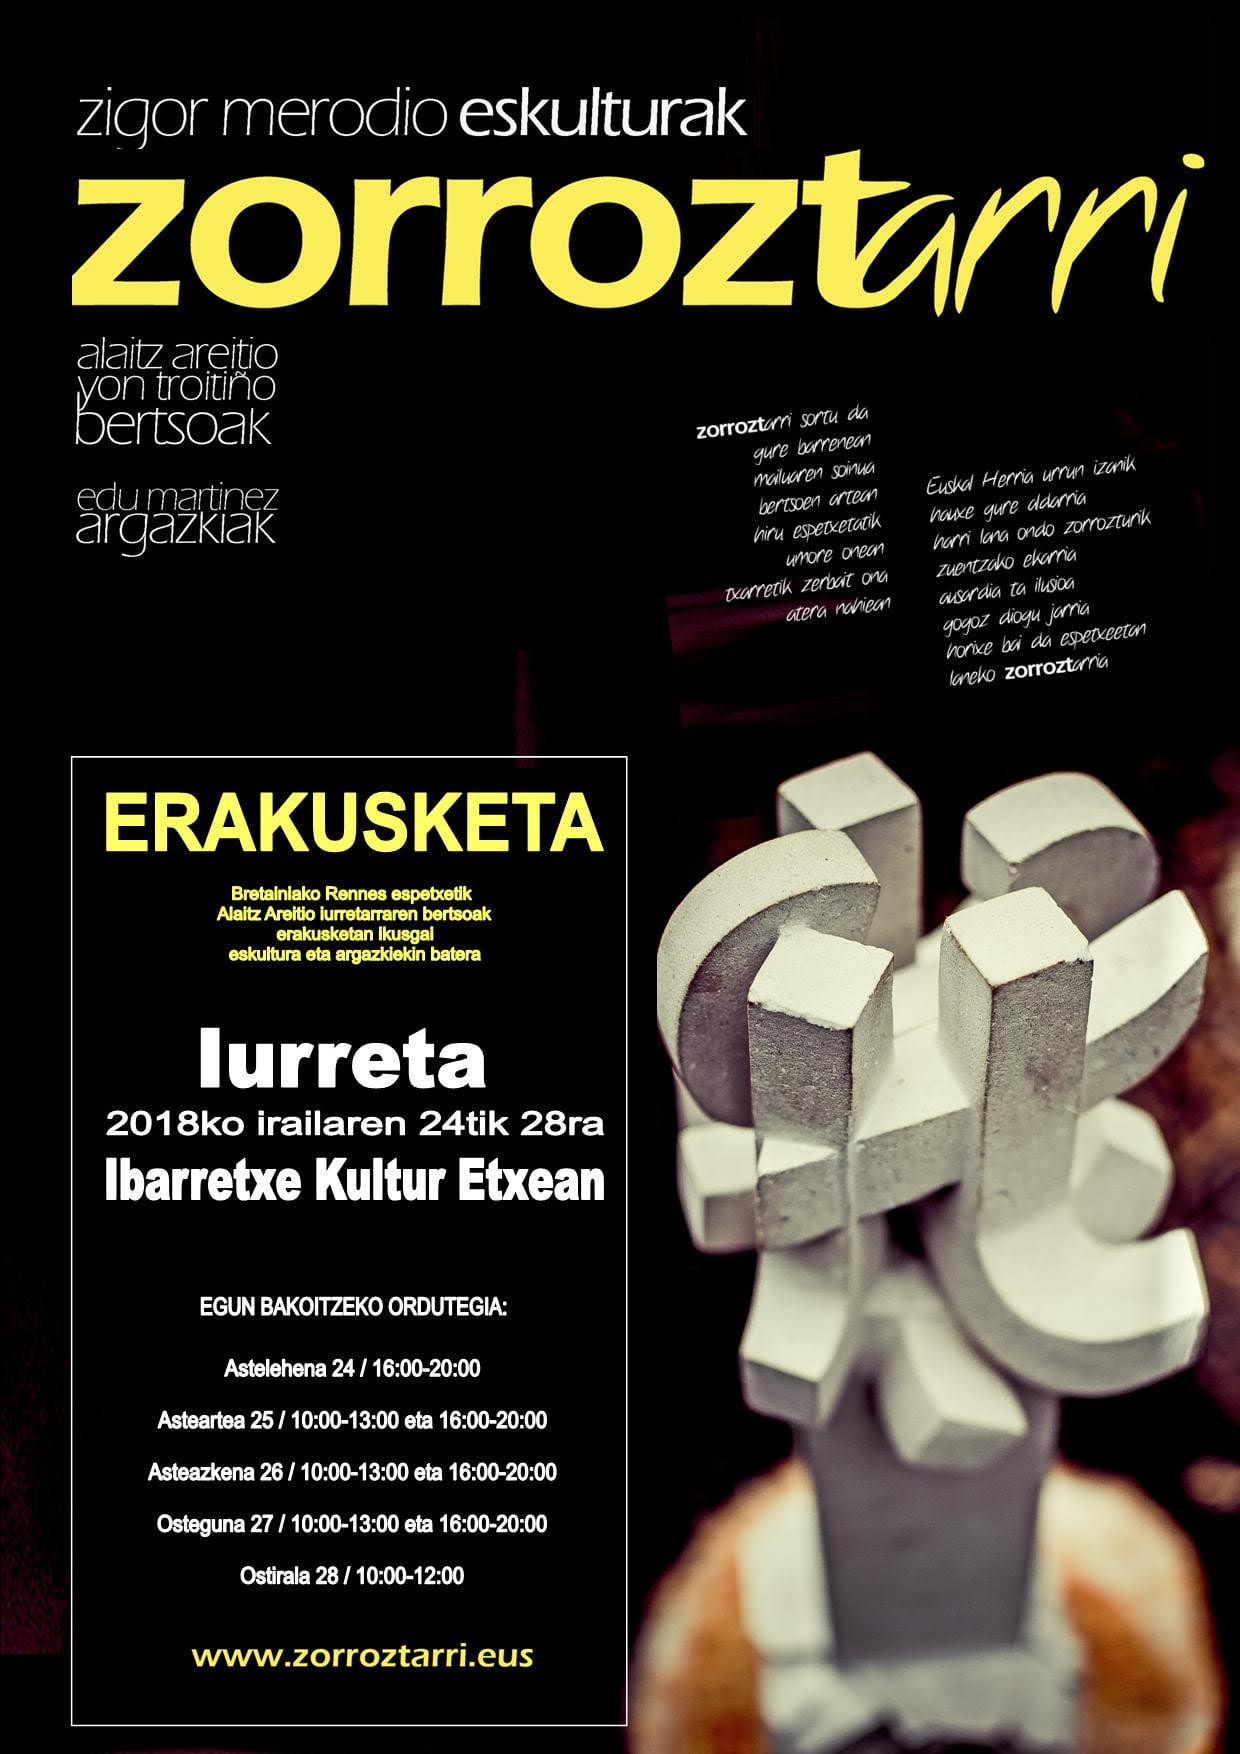 """Iurreta, """"Zorroztan"""" erakusketa @ Ibarretxe Kultur Etxean"""